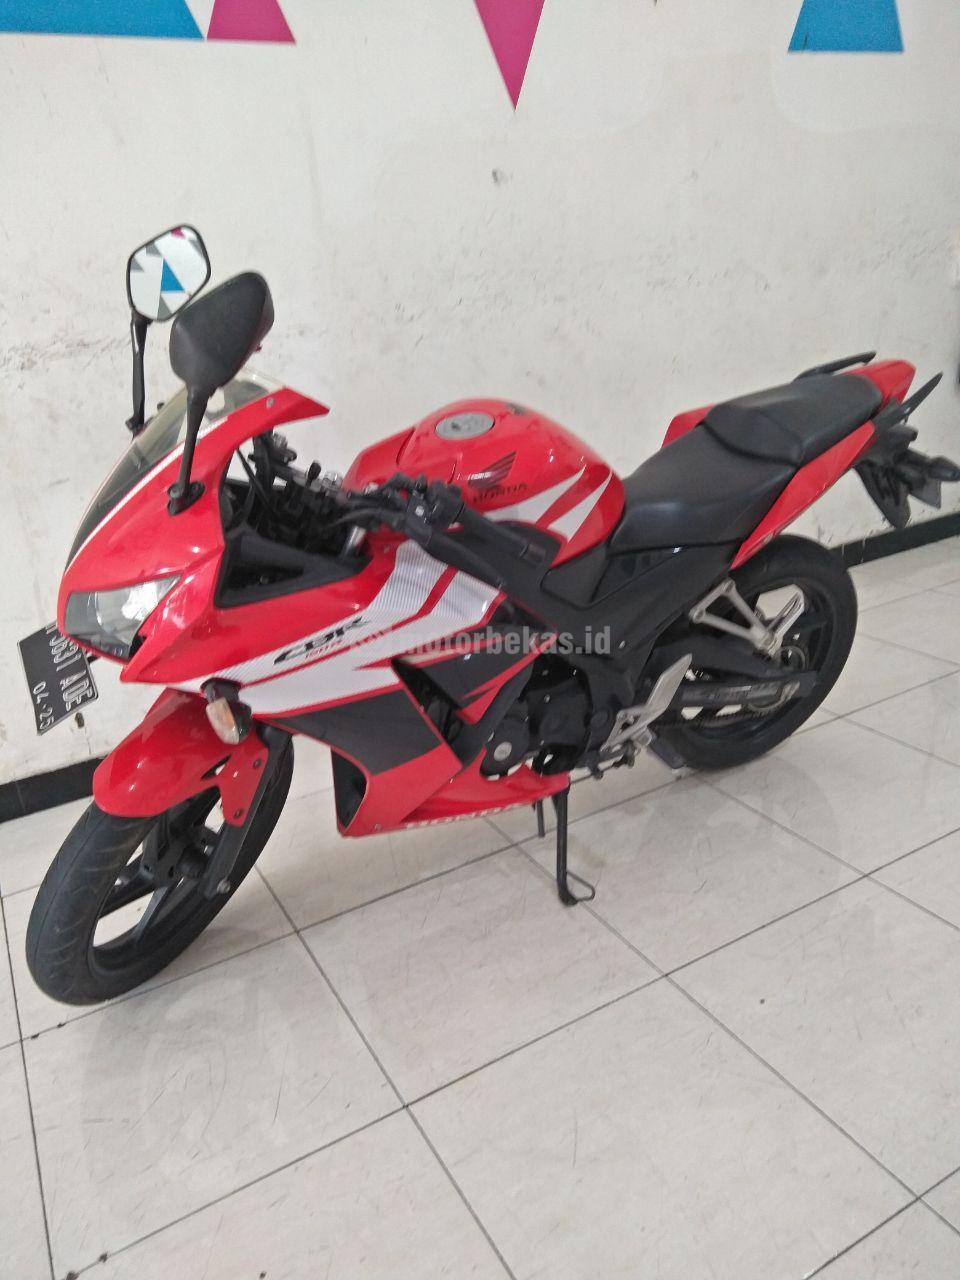 HONDA CBR 150  3839 motorbekas.id